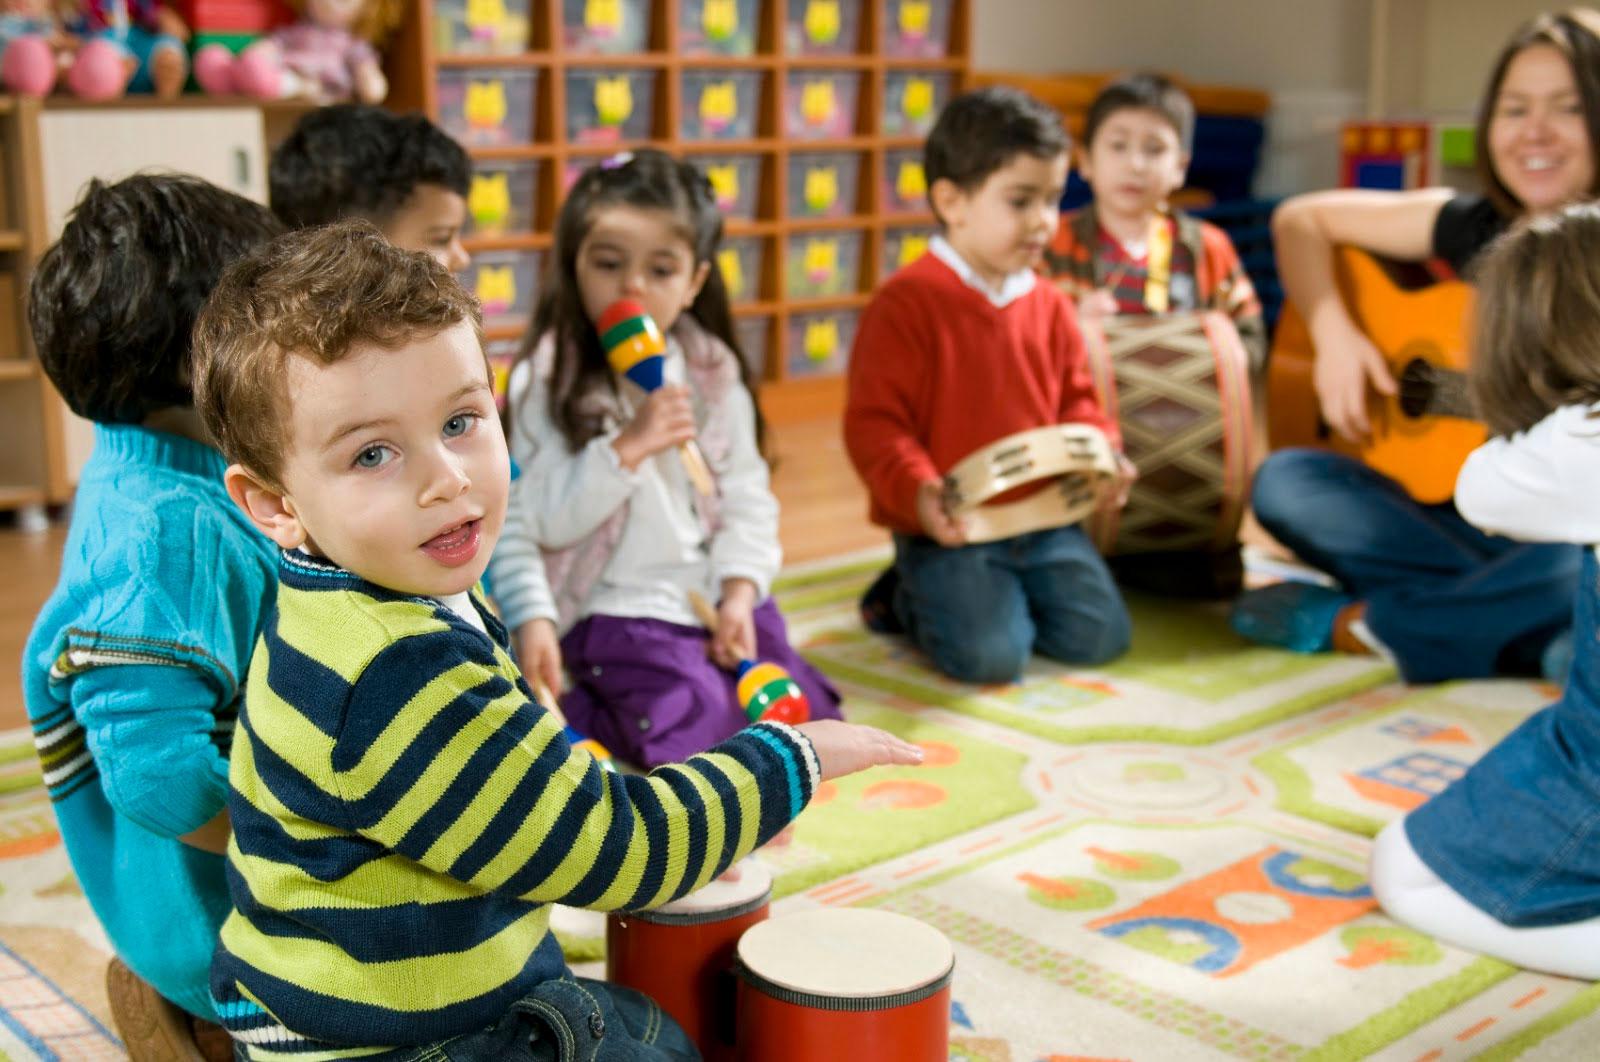 corso di gioco musica per bambini